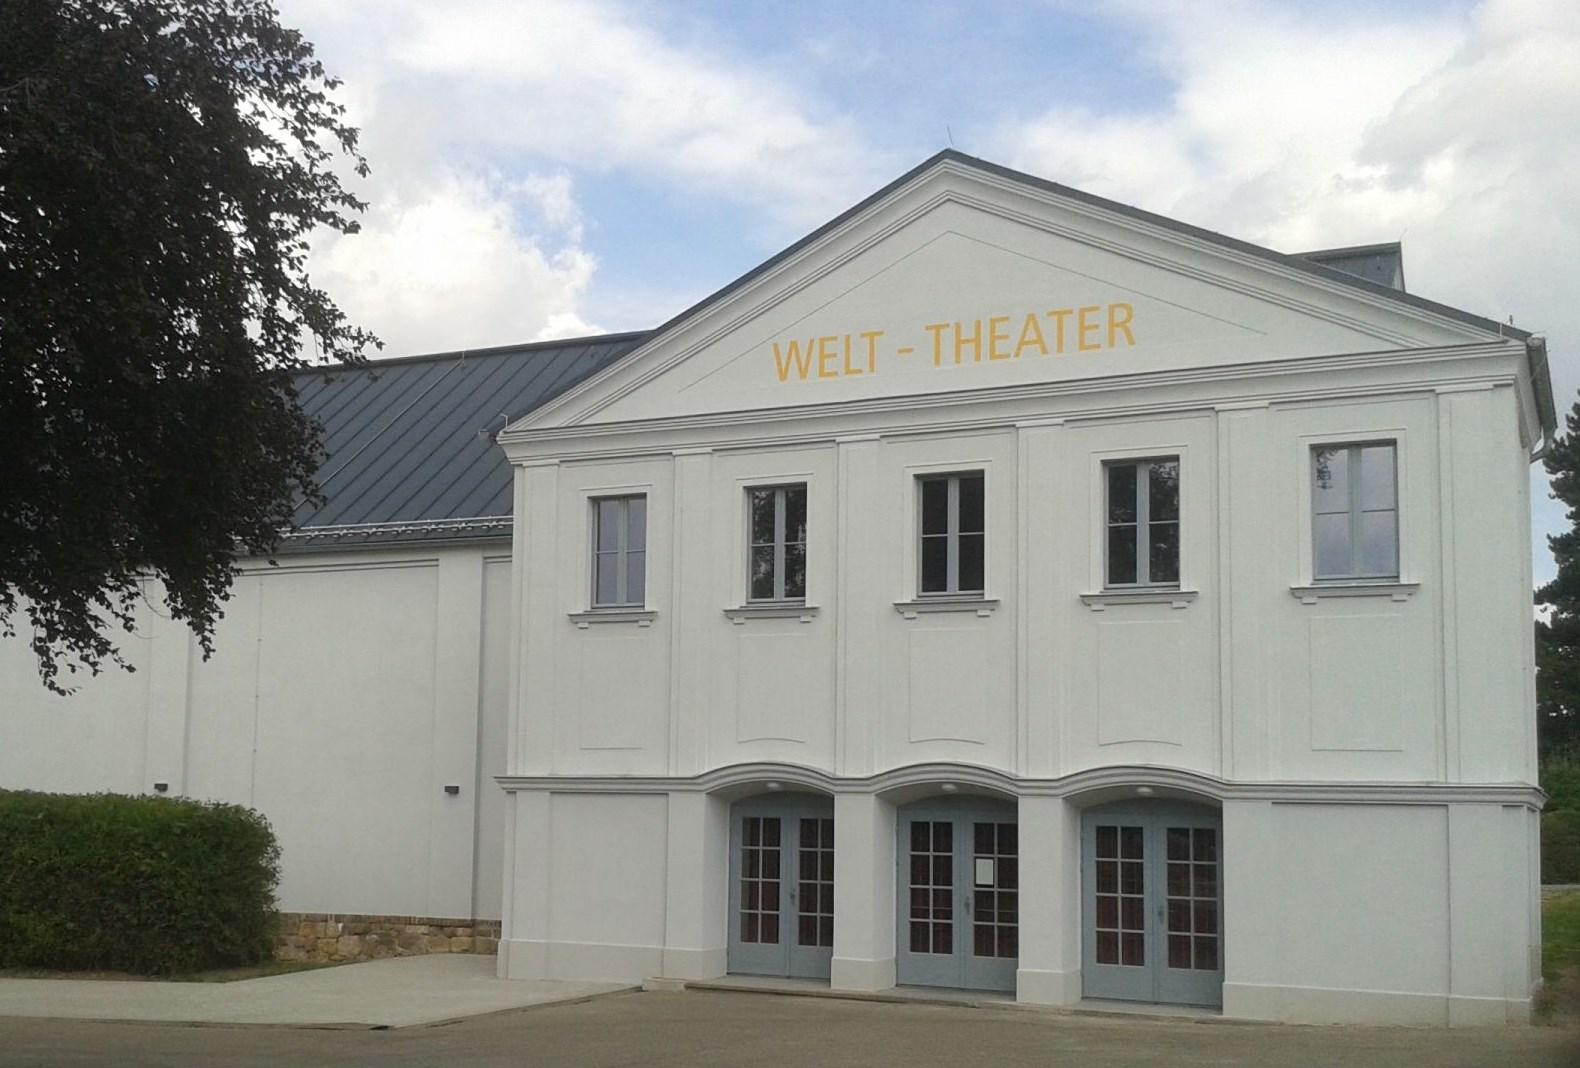 Kino Frankenberg